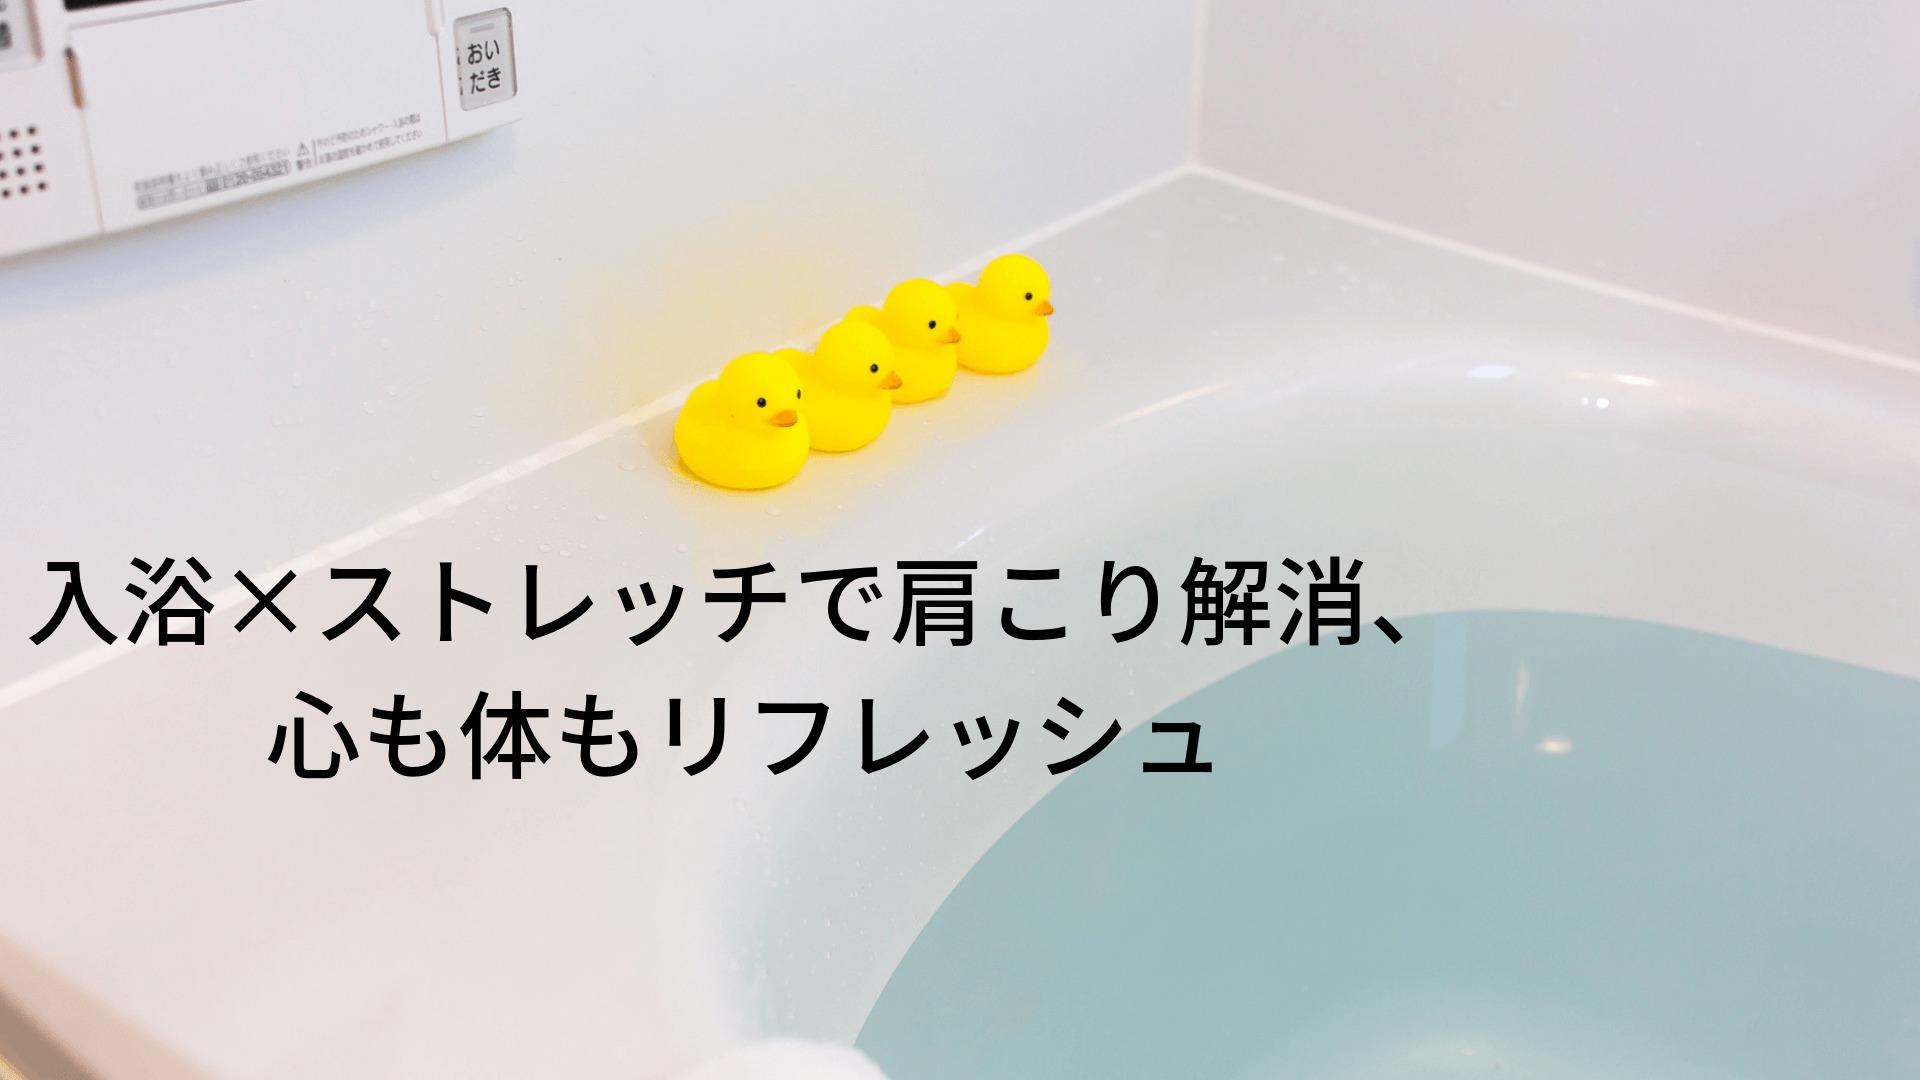 入浴×ストレッチで肩こり解消、 心も体もリフレッシュ (1)